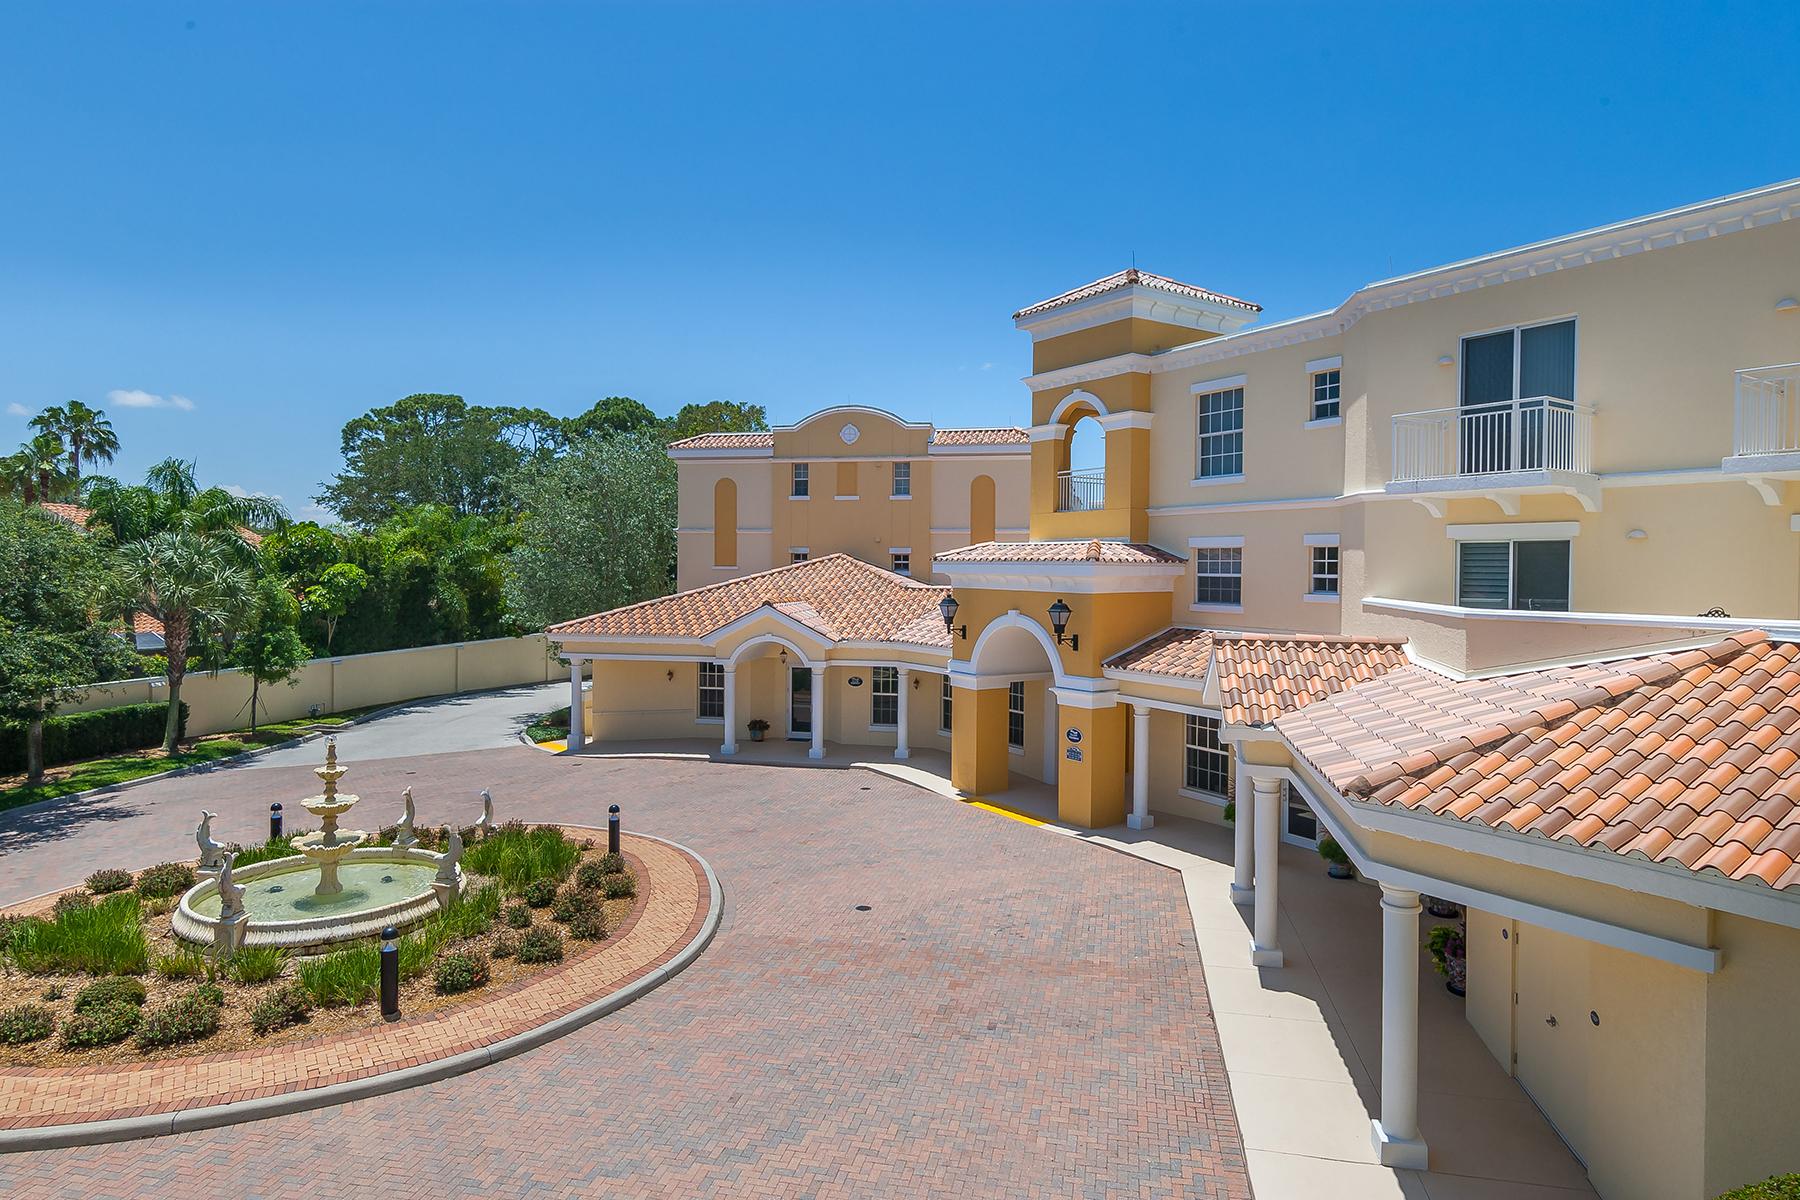 Condomínio para Venda às OSPREY 14021 Bellagio Way 308 Osprey, Florida, 34229 Estados Unidos